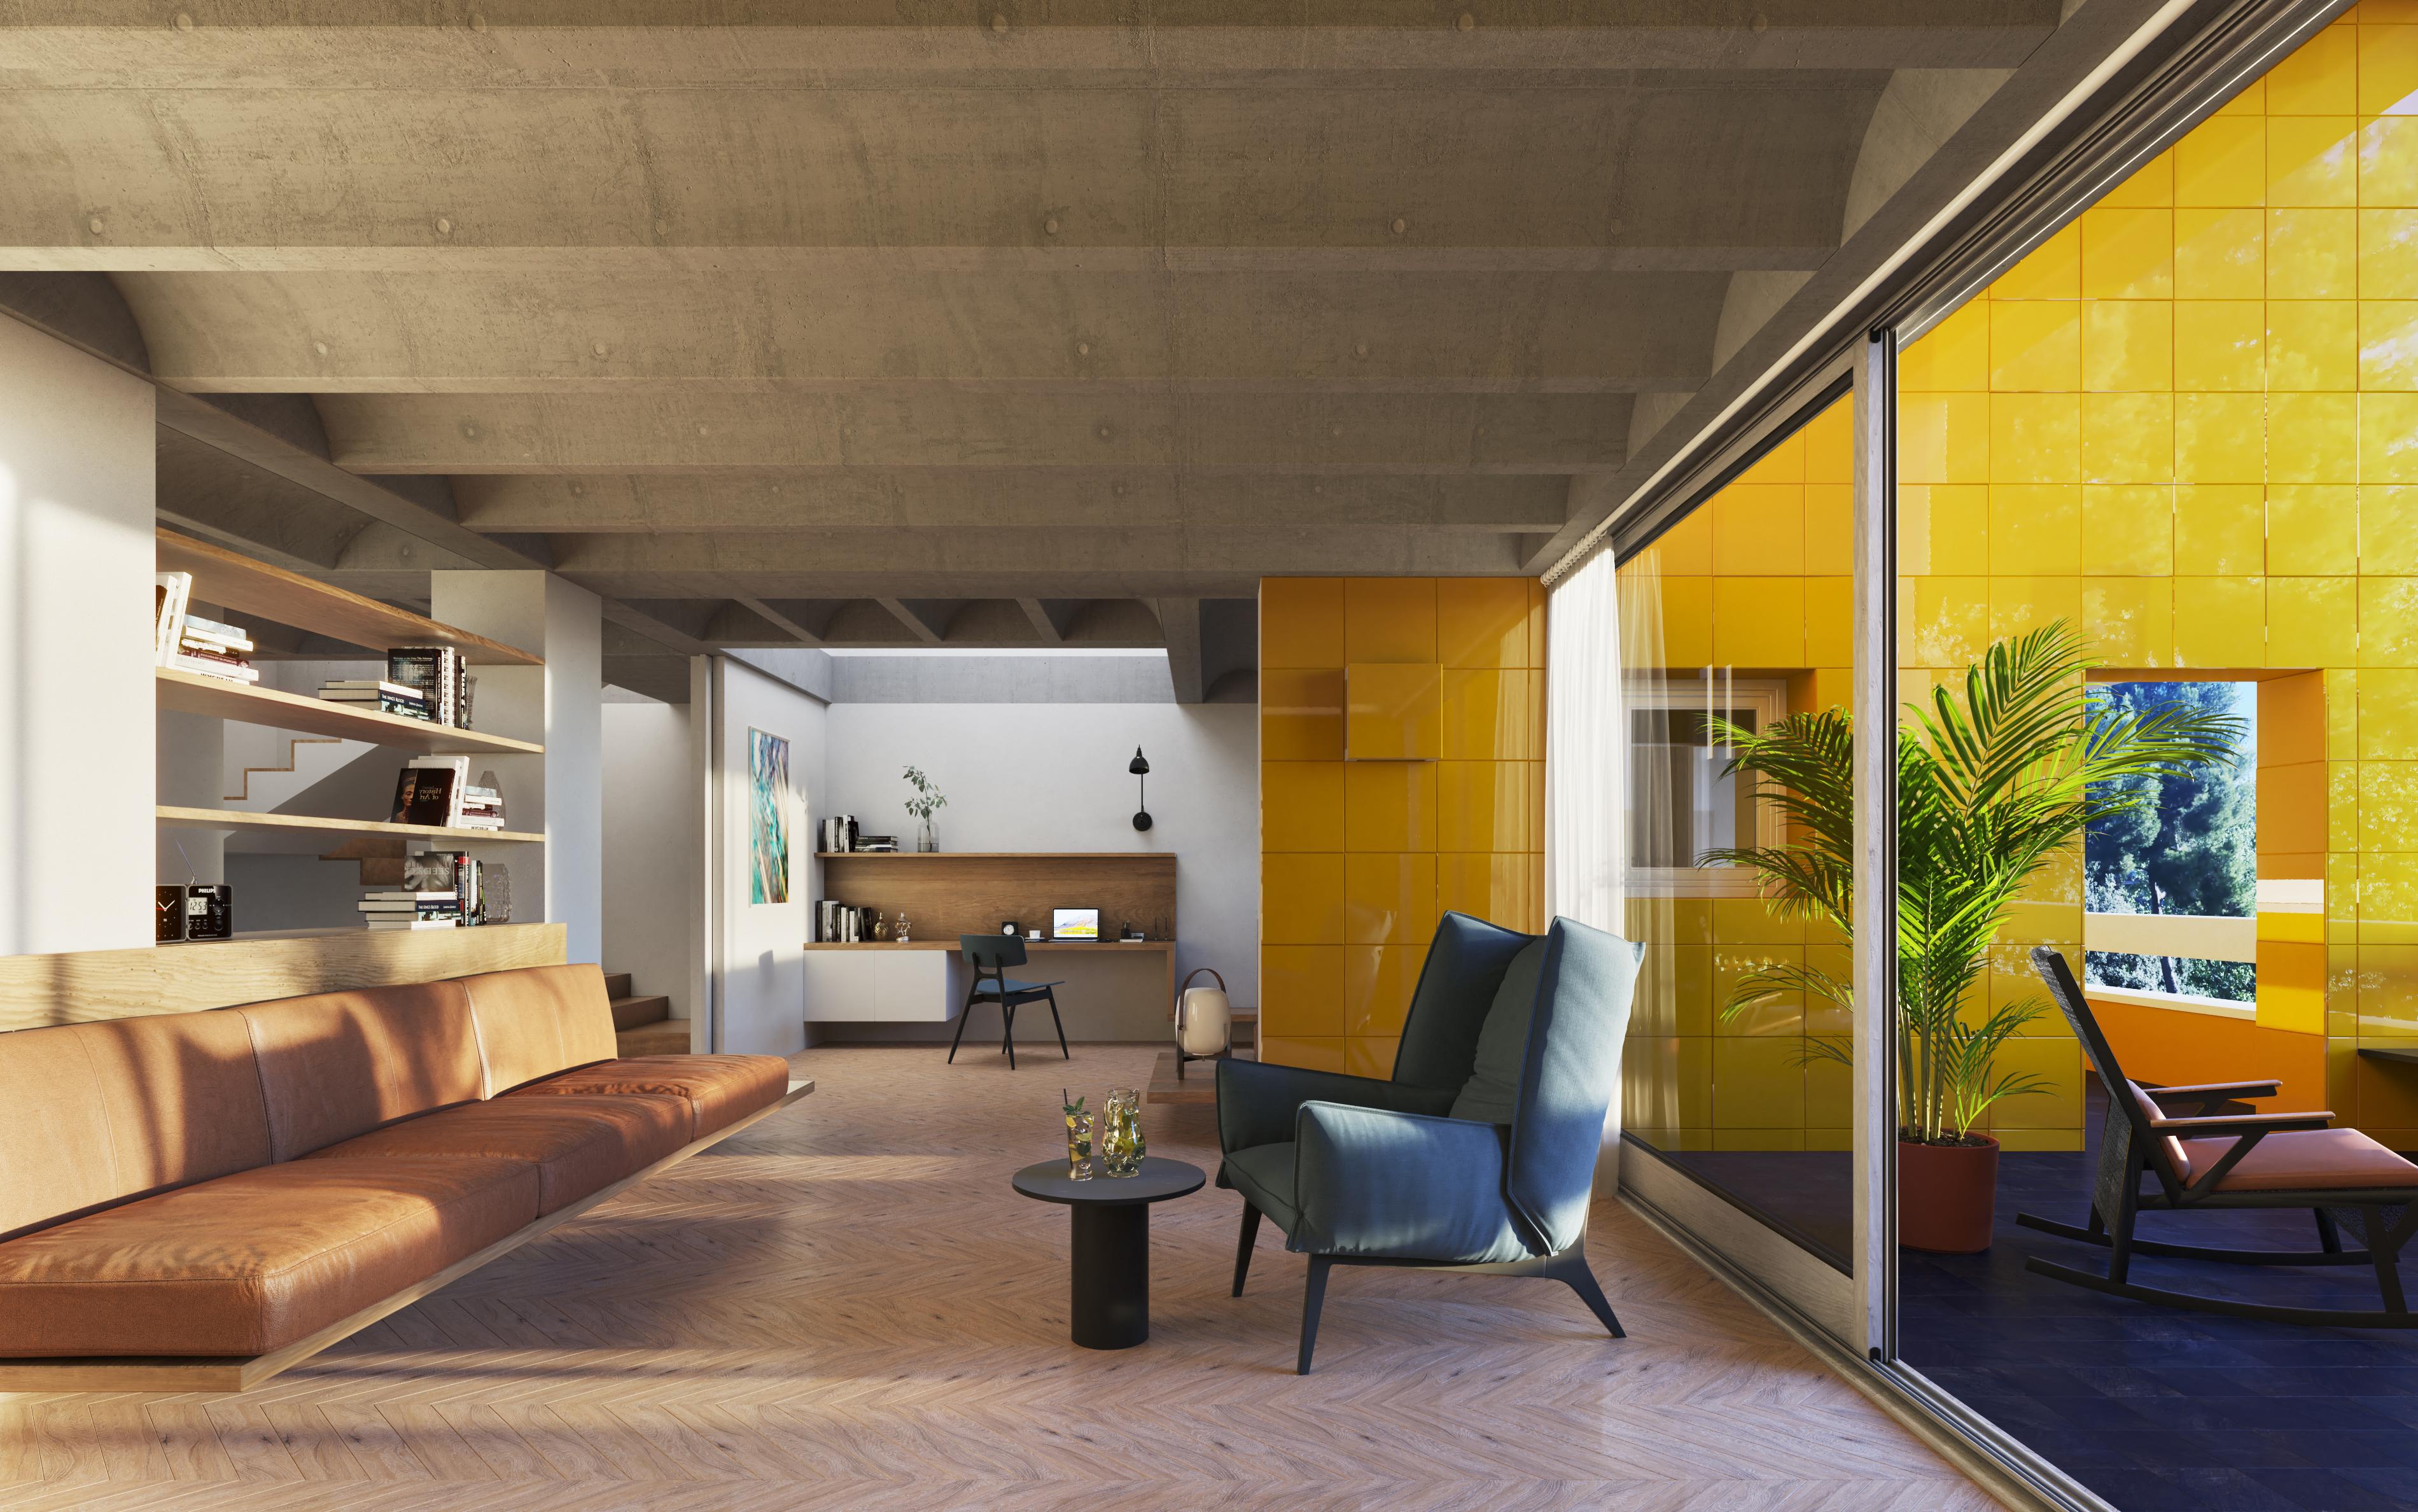 Diseño de Interiores en Barcelona: NOOK crea proyectos lujuosos diseño de interiores Diseño de Interiores en Barcelona: NOOK crea proyectos lujuosos 03 nook escalespark concept